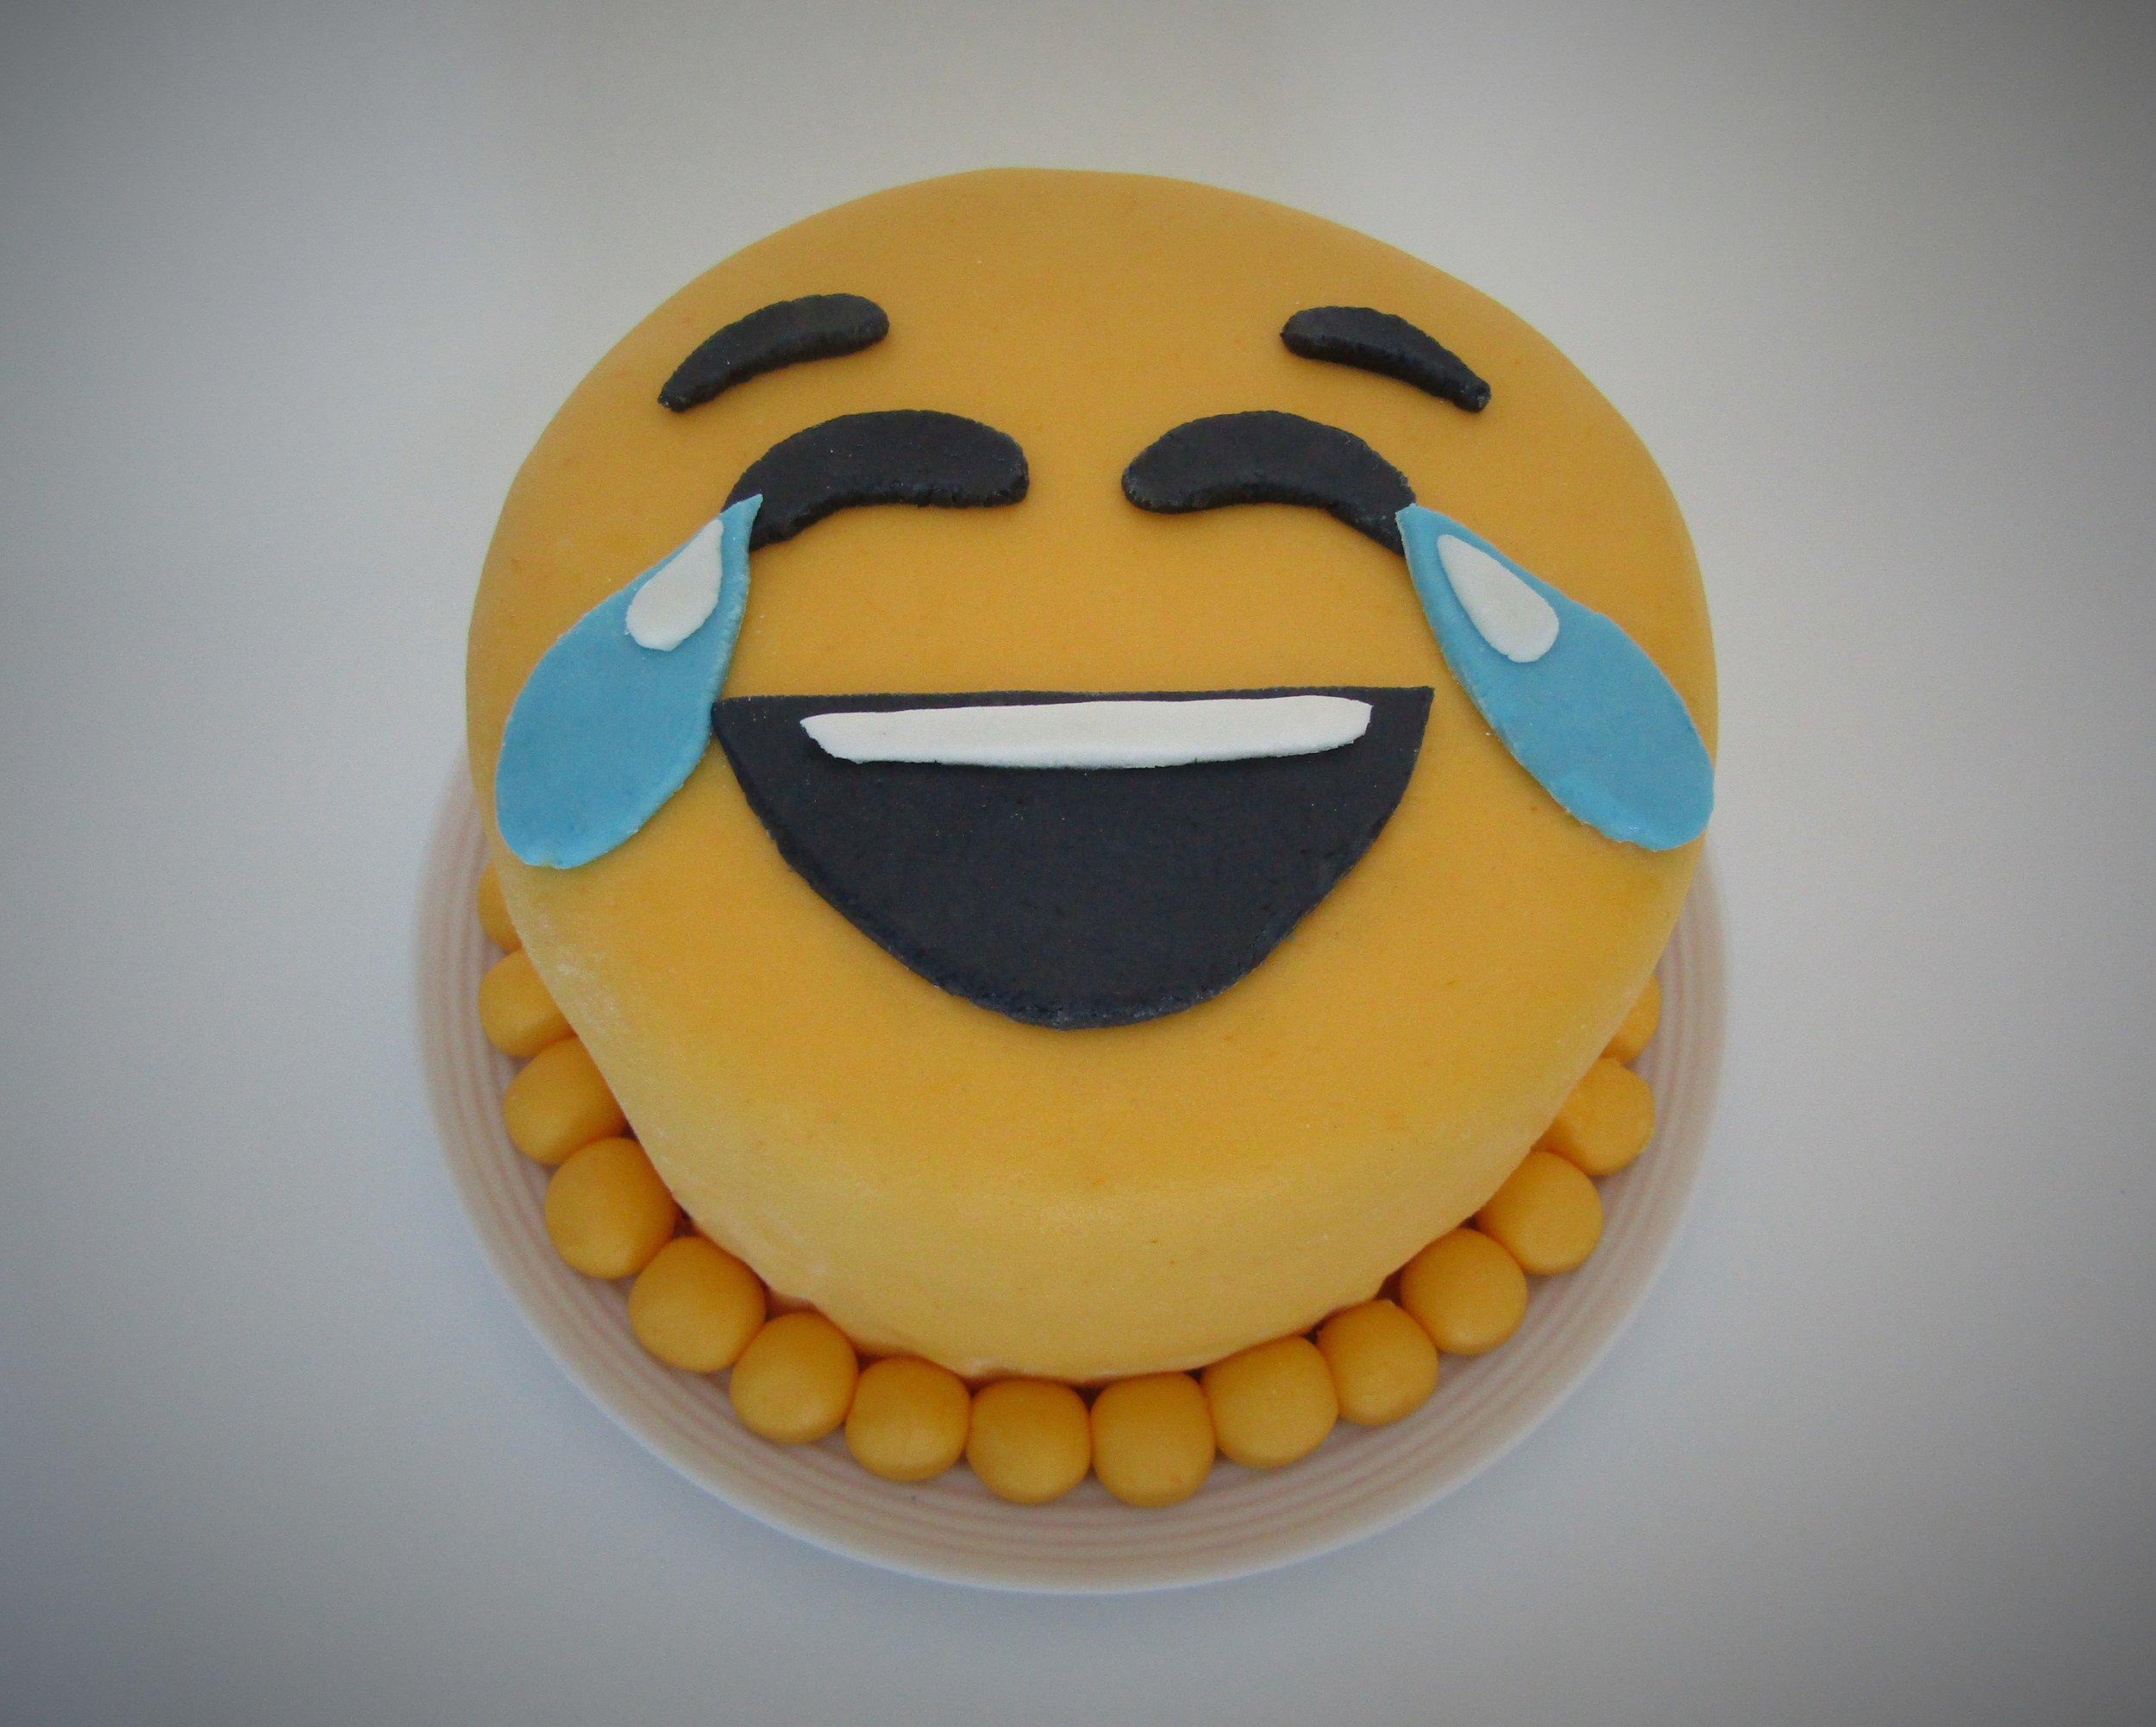 gâteau-enfant-wow-smiley-emojis-